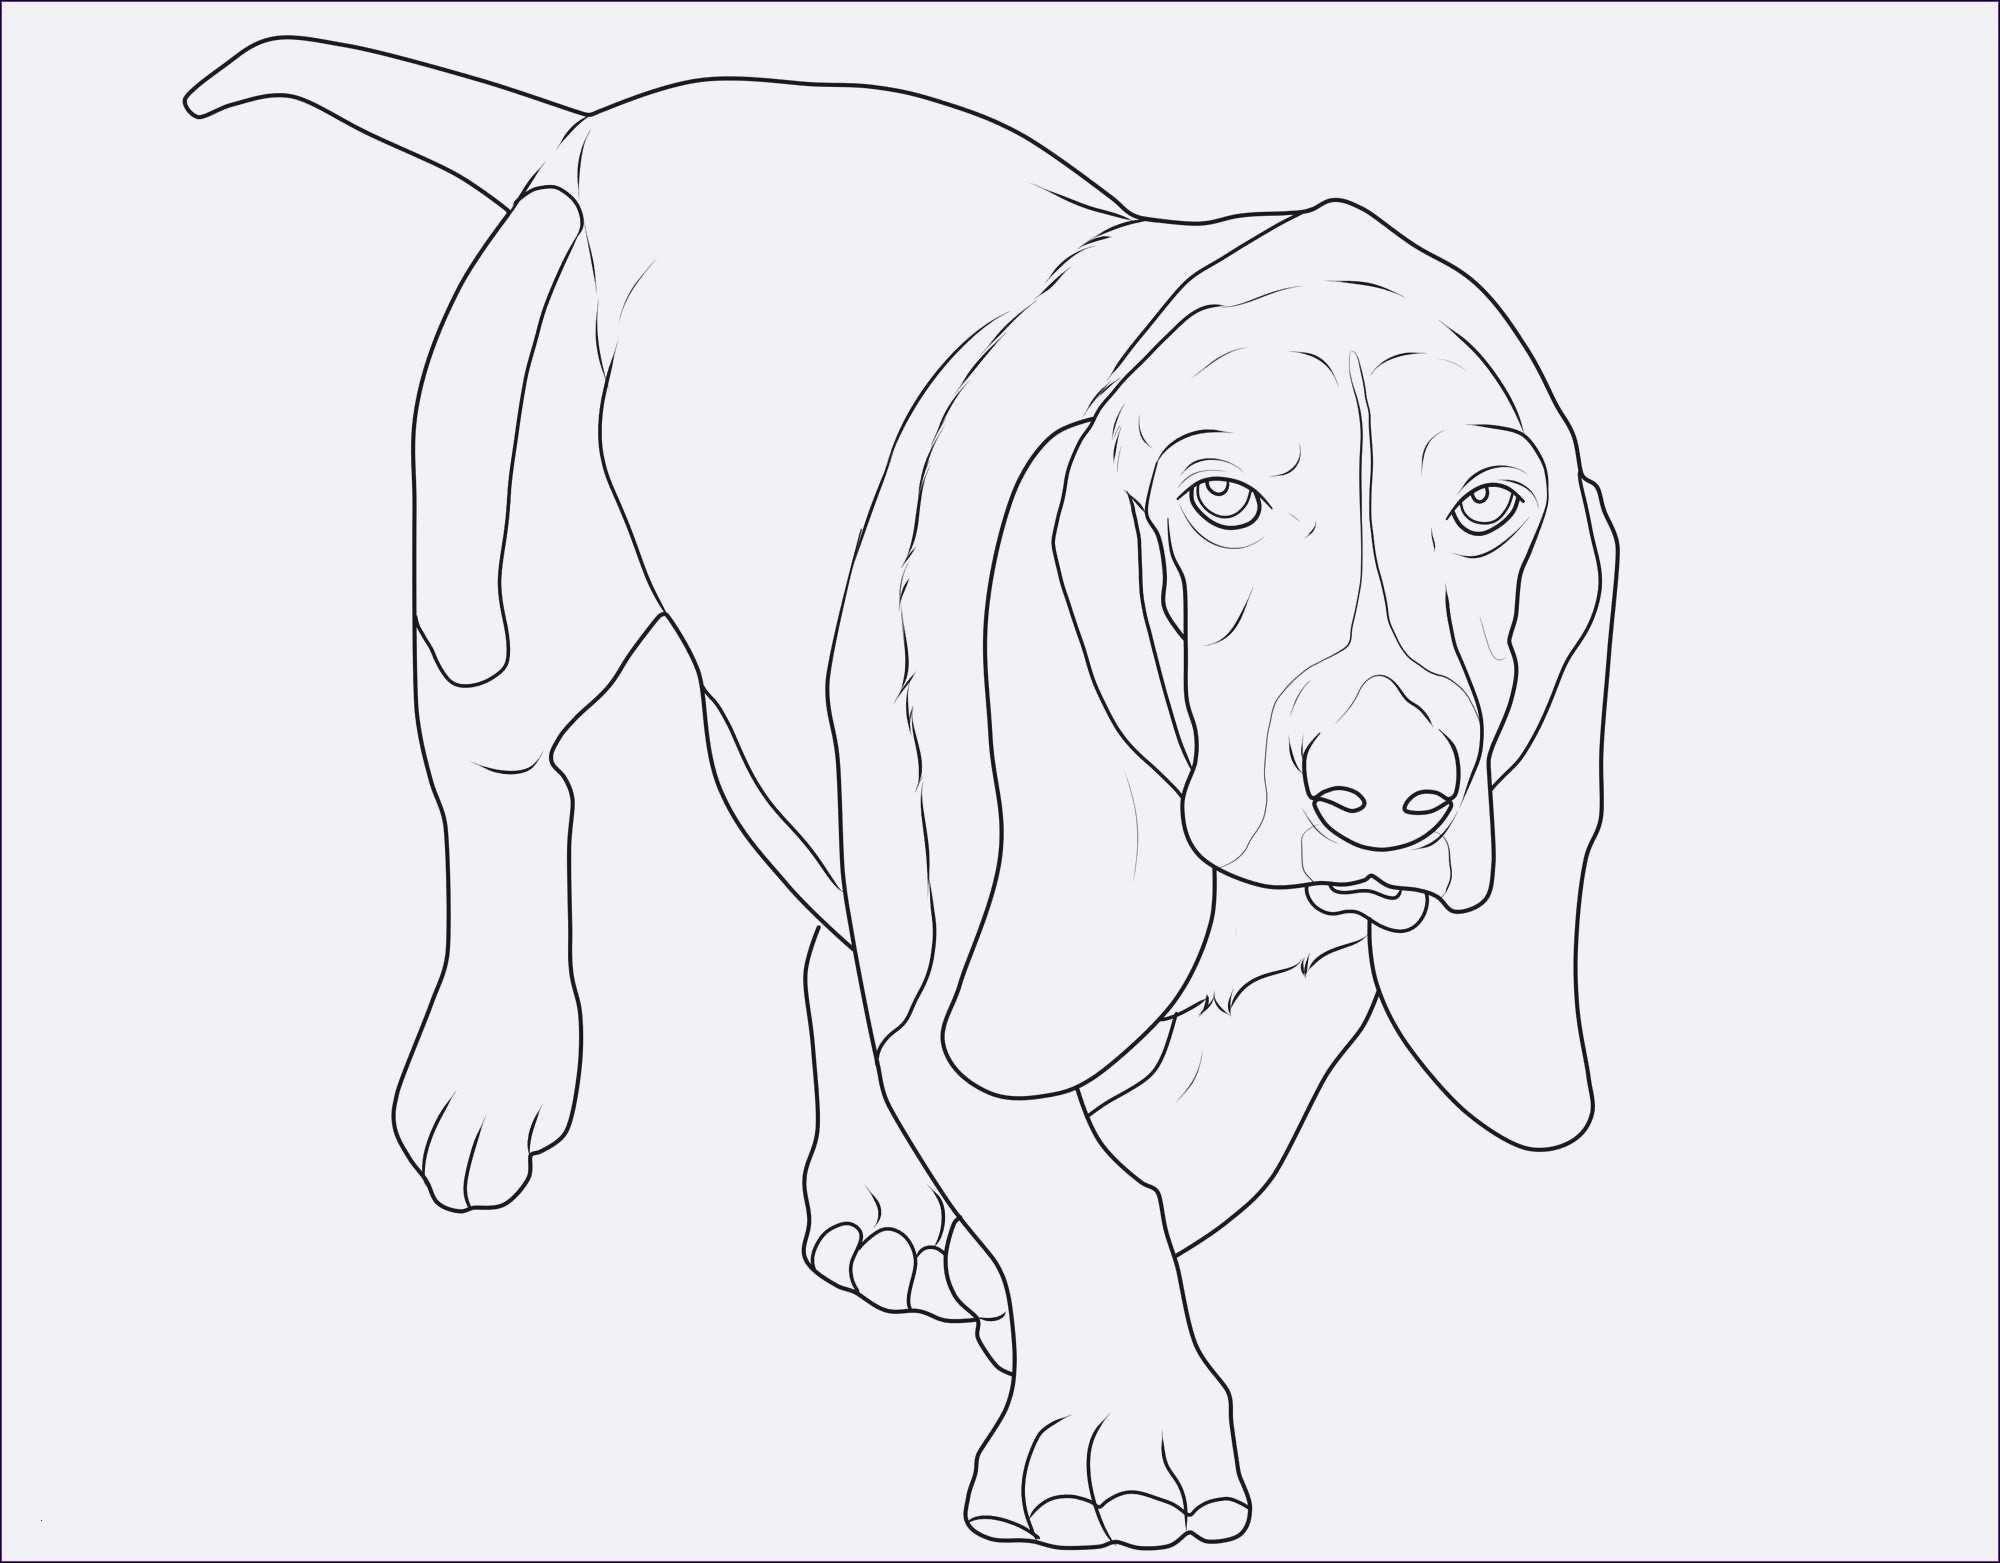 Neu Malvorlagen Kostenlos Tiere Katzen Dog Pictures Pictures Humanoid Sketch